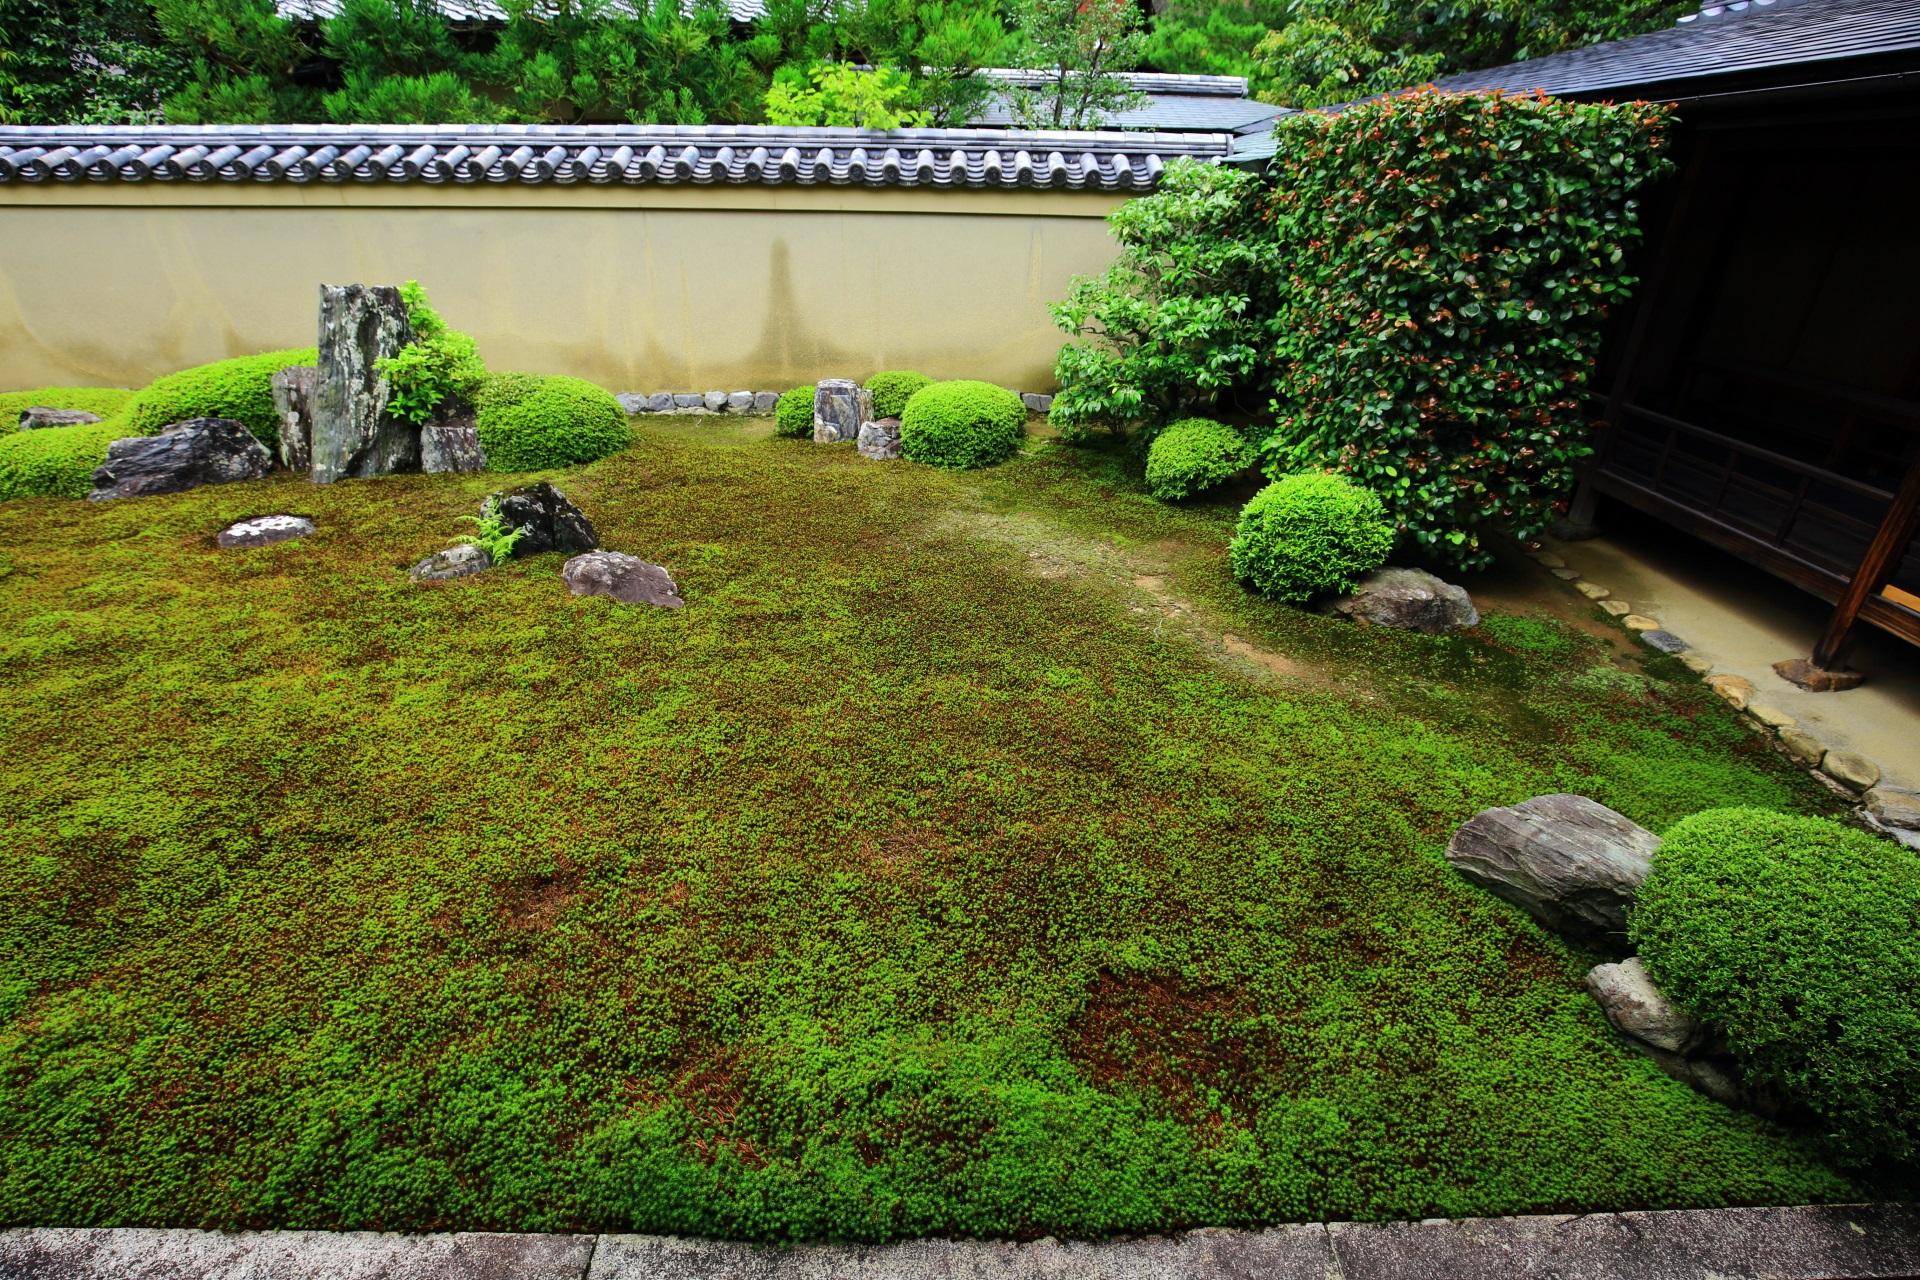 様々な大きさや形の石組みは陸地を現す龍源院の龍吟庭